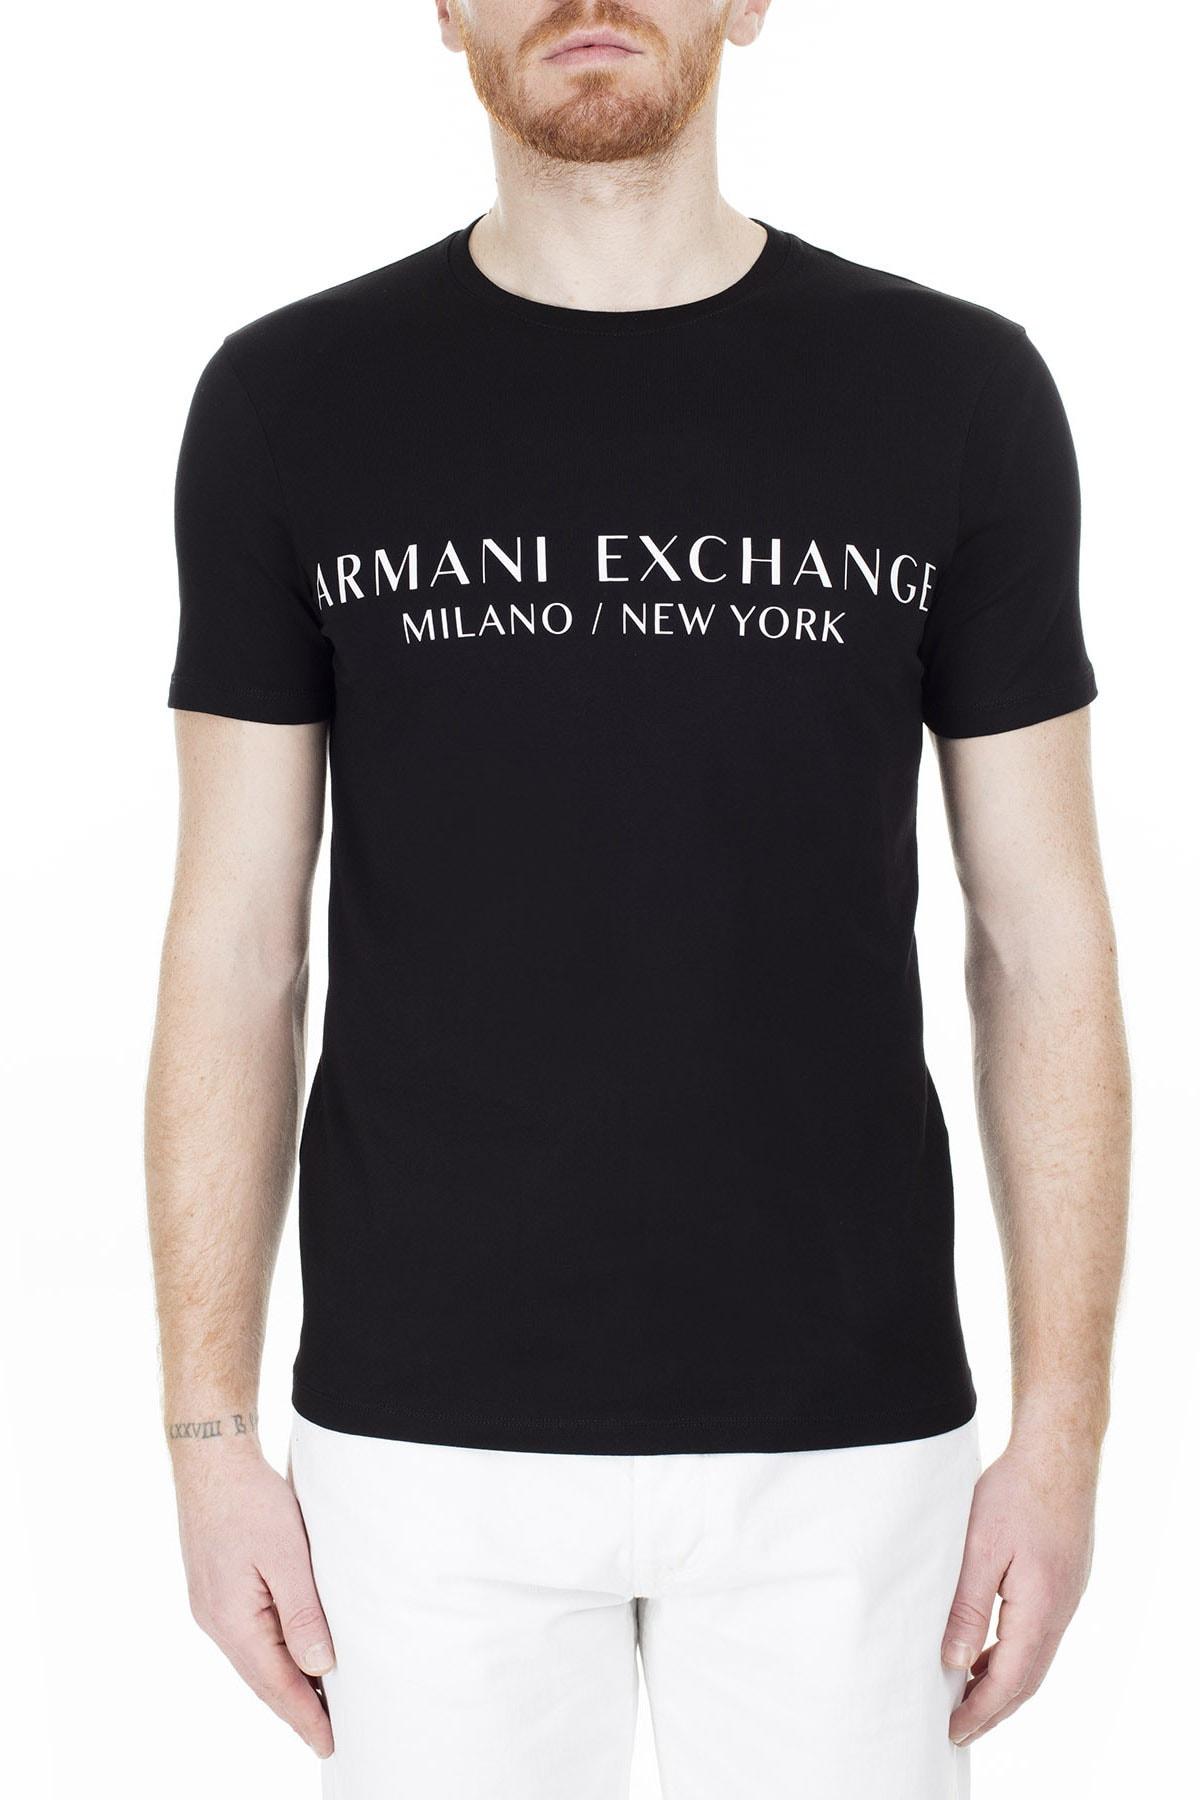 Armani Exchange T Shirt Erkek T Shirt 8Nzt72 Z8H4Z 1200